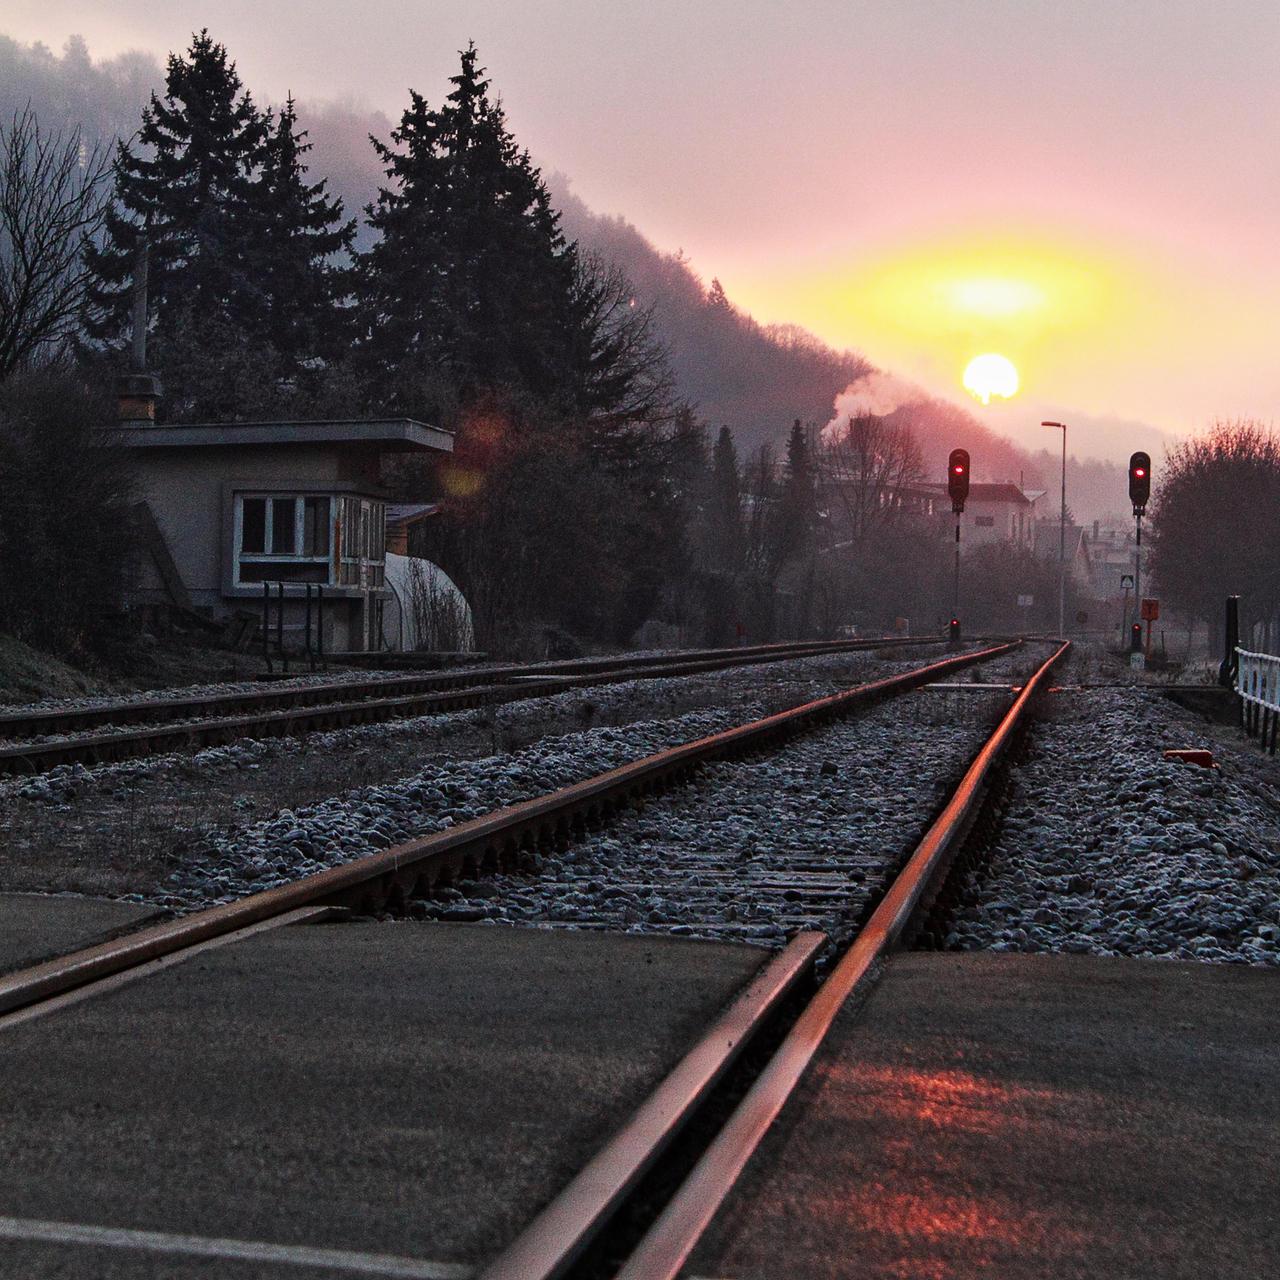 Sunrise by luka567